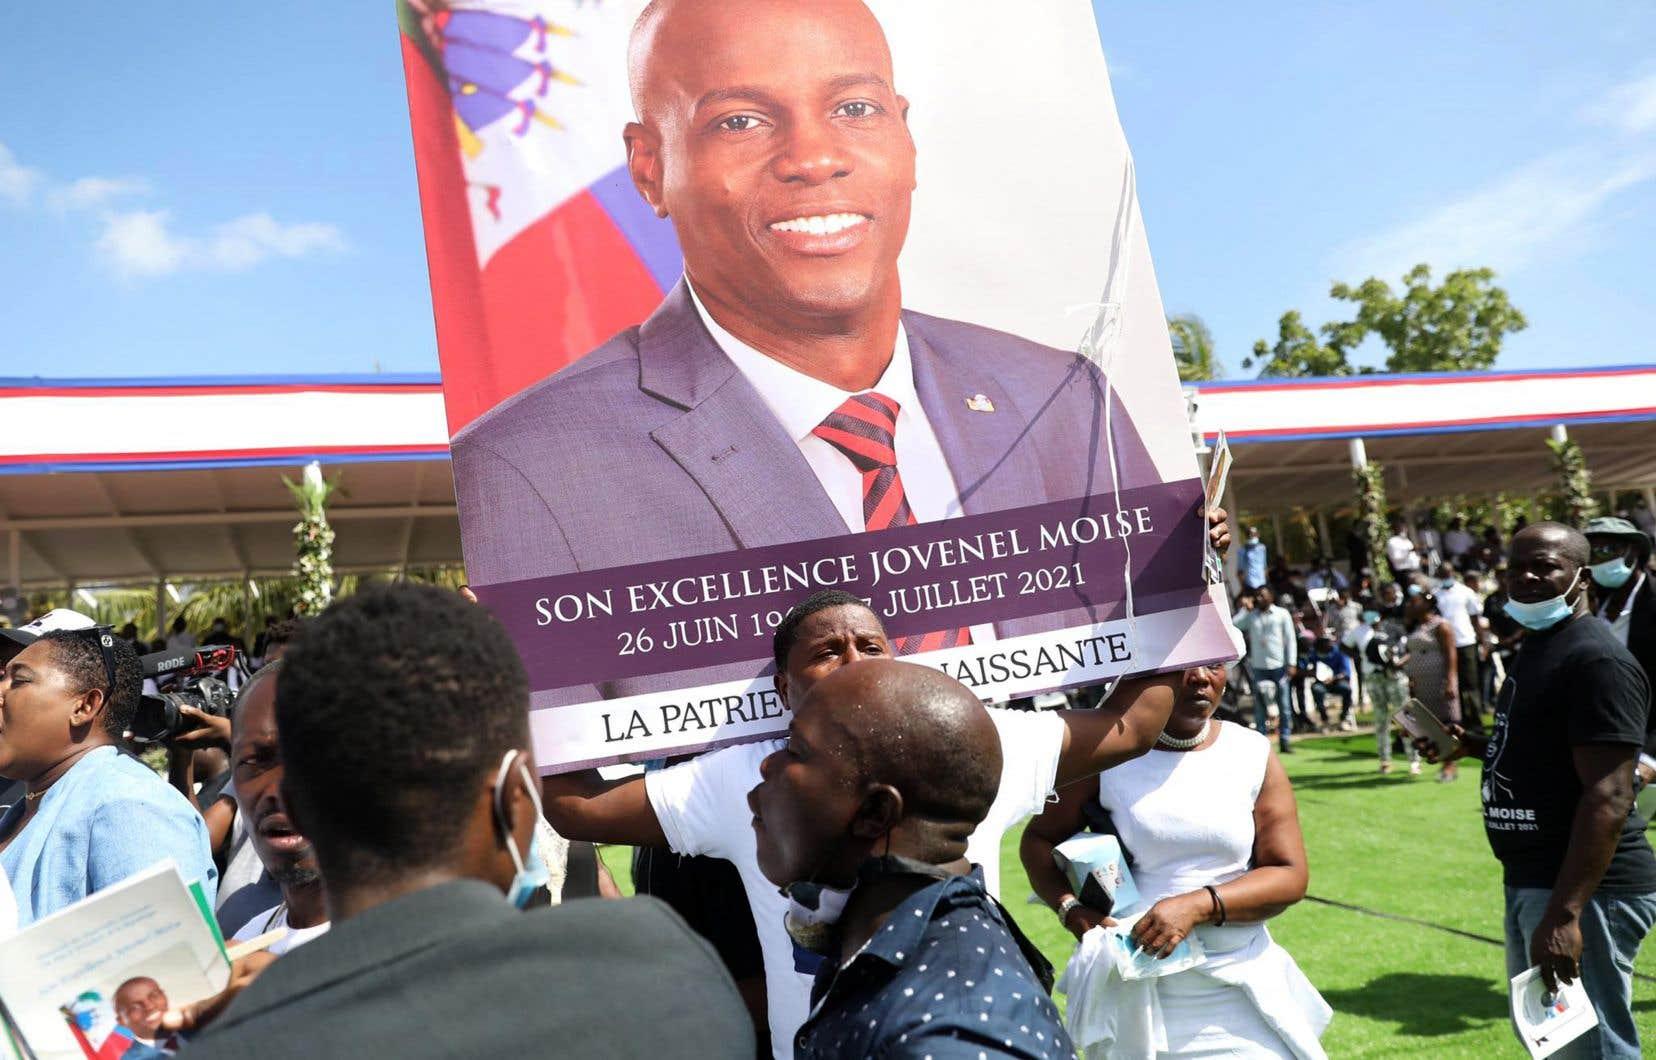 Le président haïtien Jovenel Moïse a été assassiné dans sa résidence privée par un commando armé, le 7 juillet dernier.